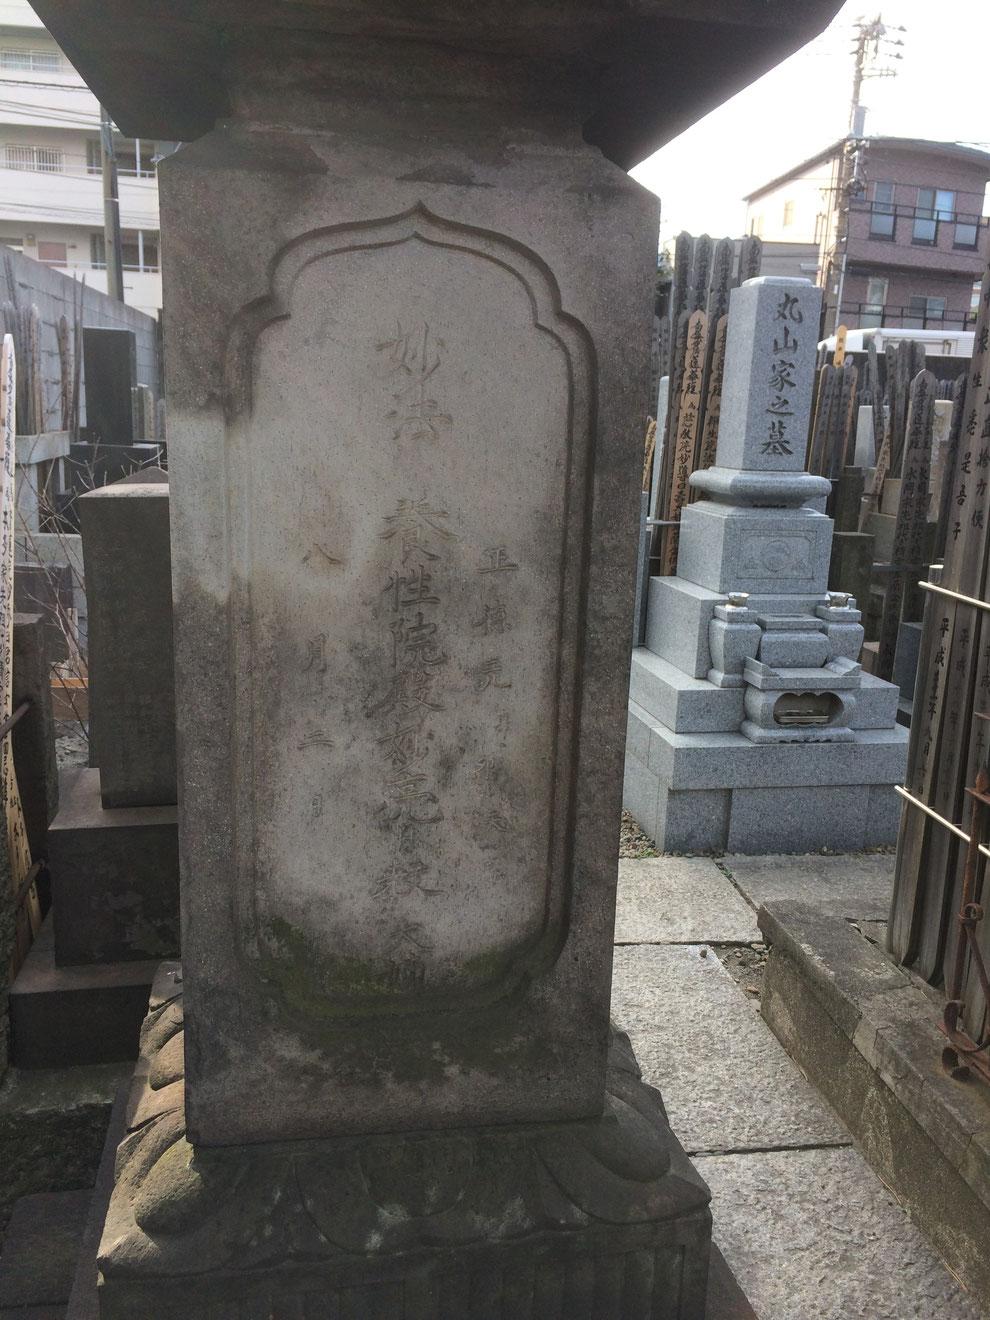 薄雲太夫の墓